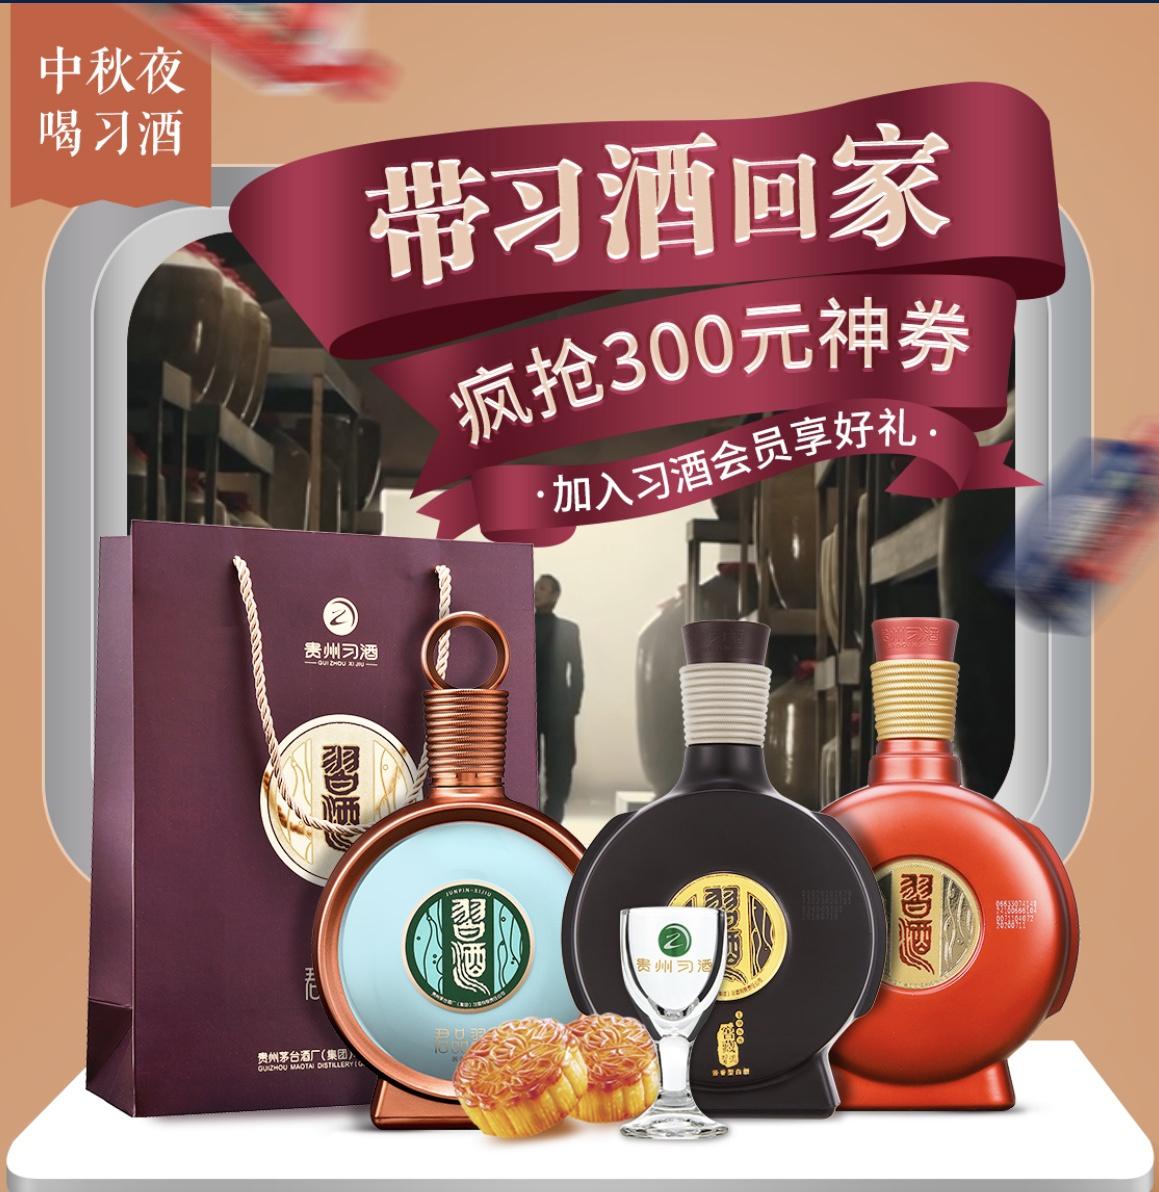 """""""雙節""""酒水消費轉暖,京東多品牌銷售增幅超三位數圖片"""